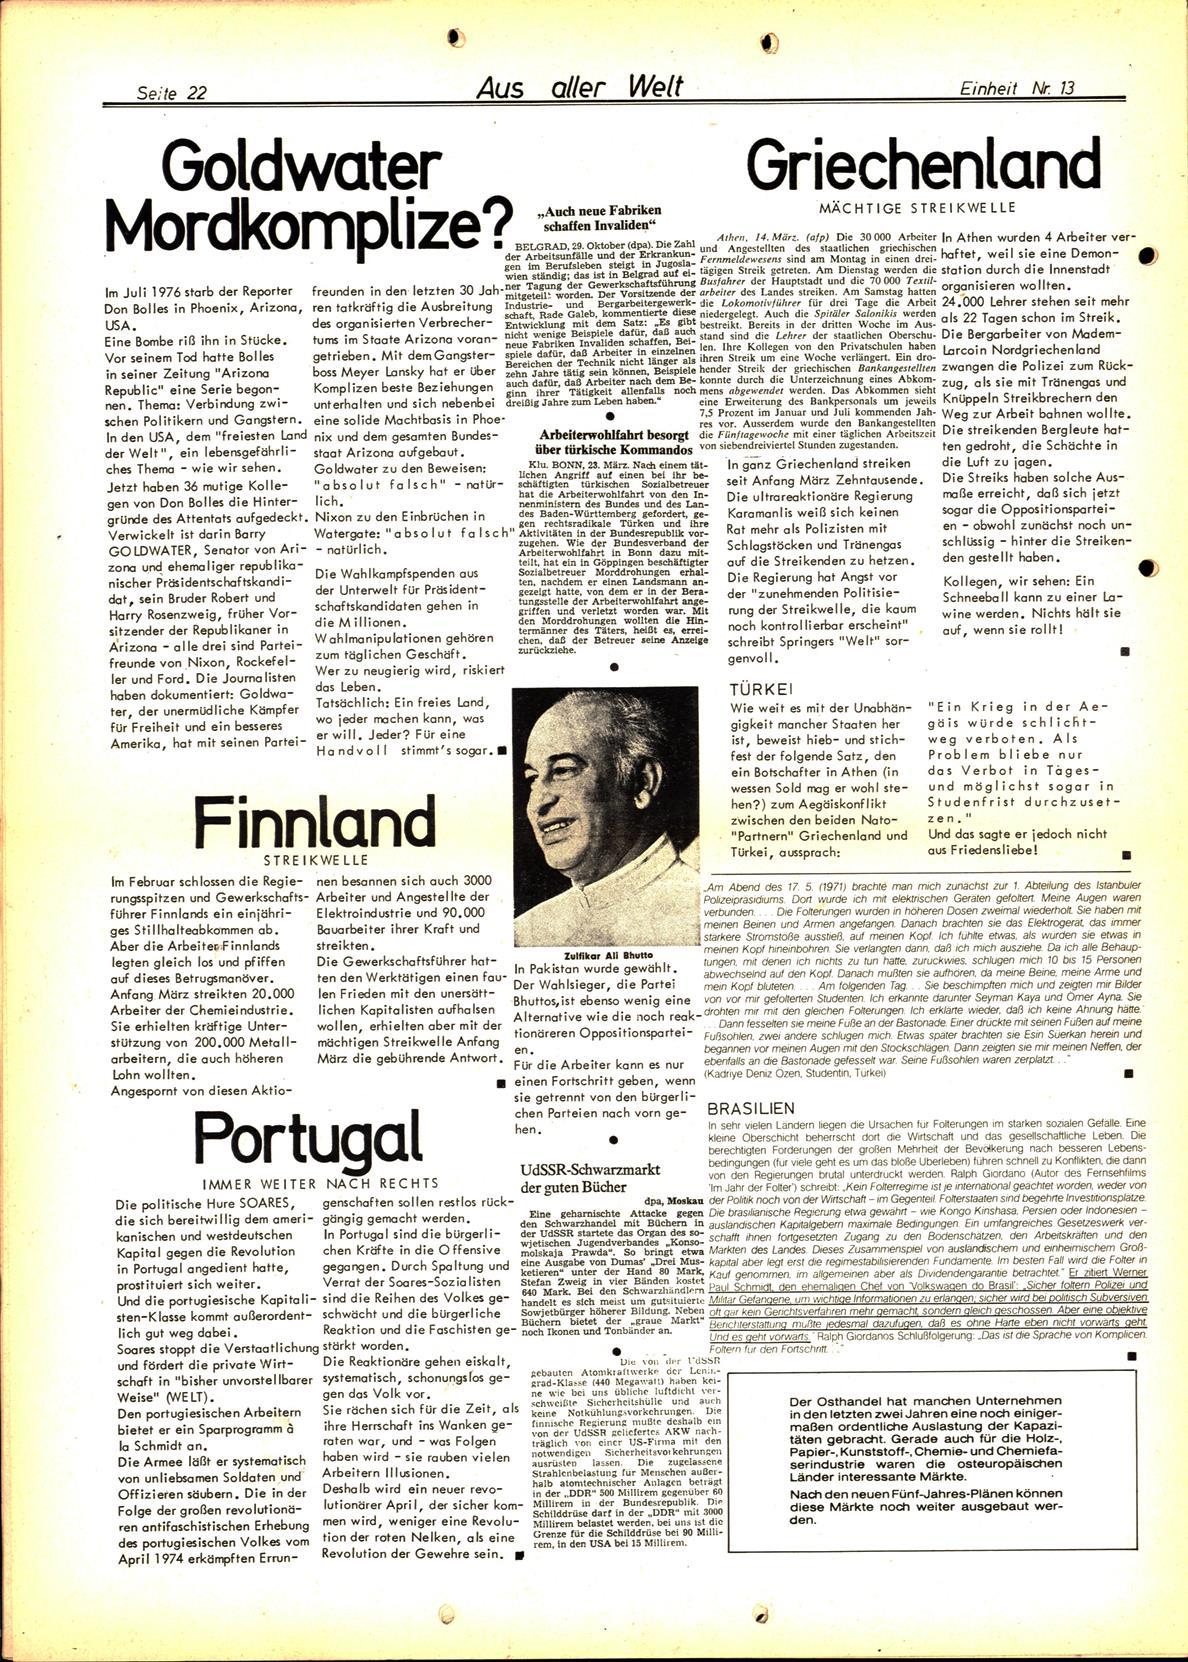 Koeln_IPdA_Einheit_1977_013_022